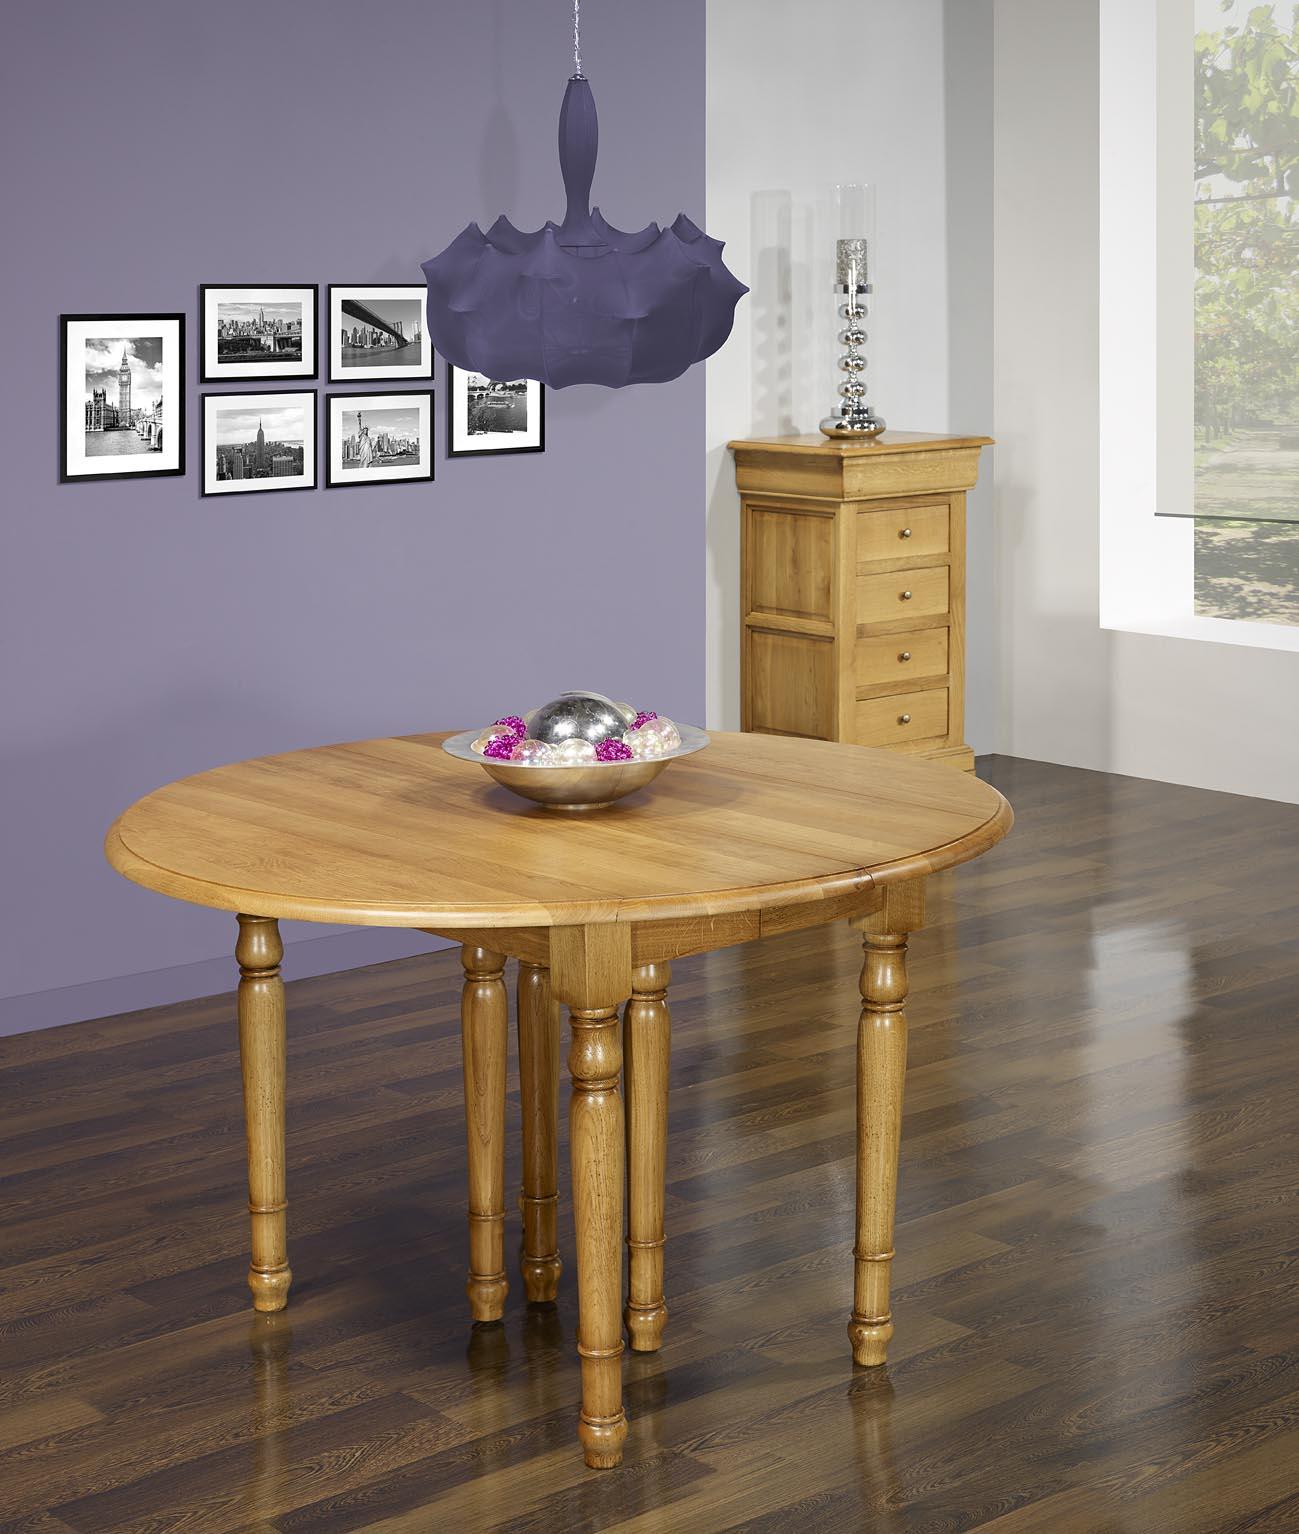 table ronde volets diametre 110 en ch ne massif de style louis philippe 6 allonges de 40 cm. Black Bedroom Furniture Sets. Home Design Ideas